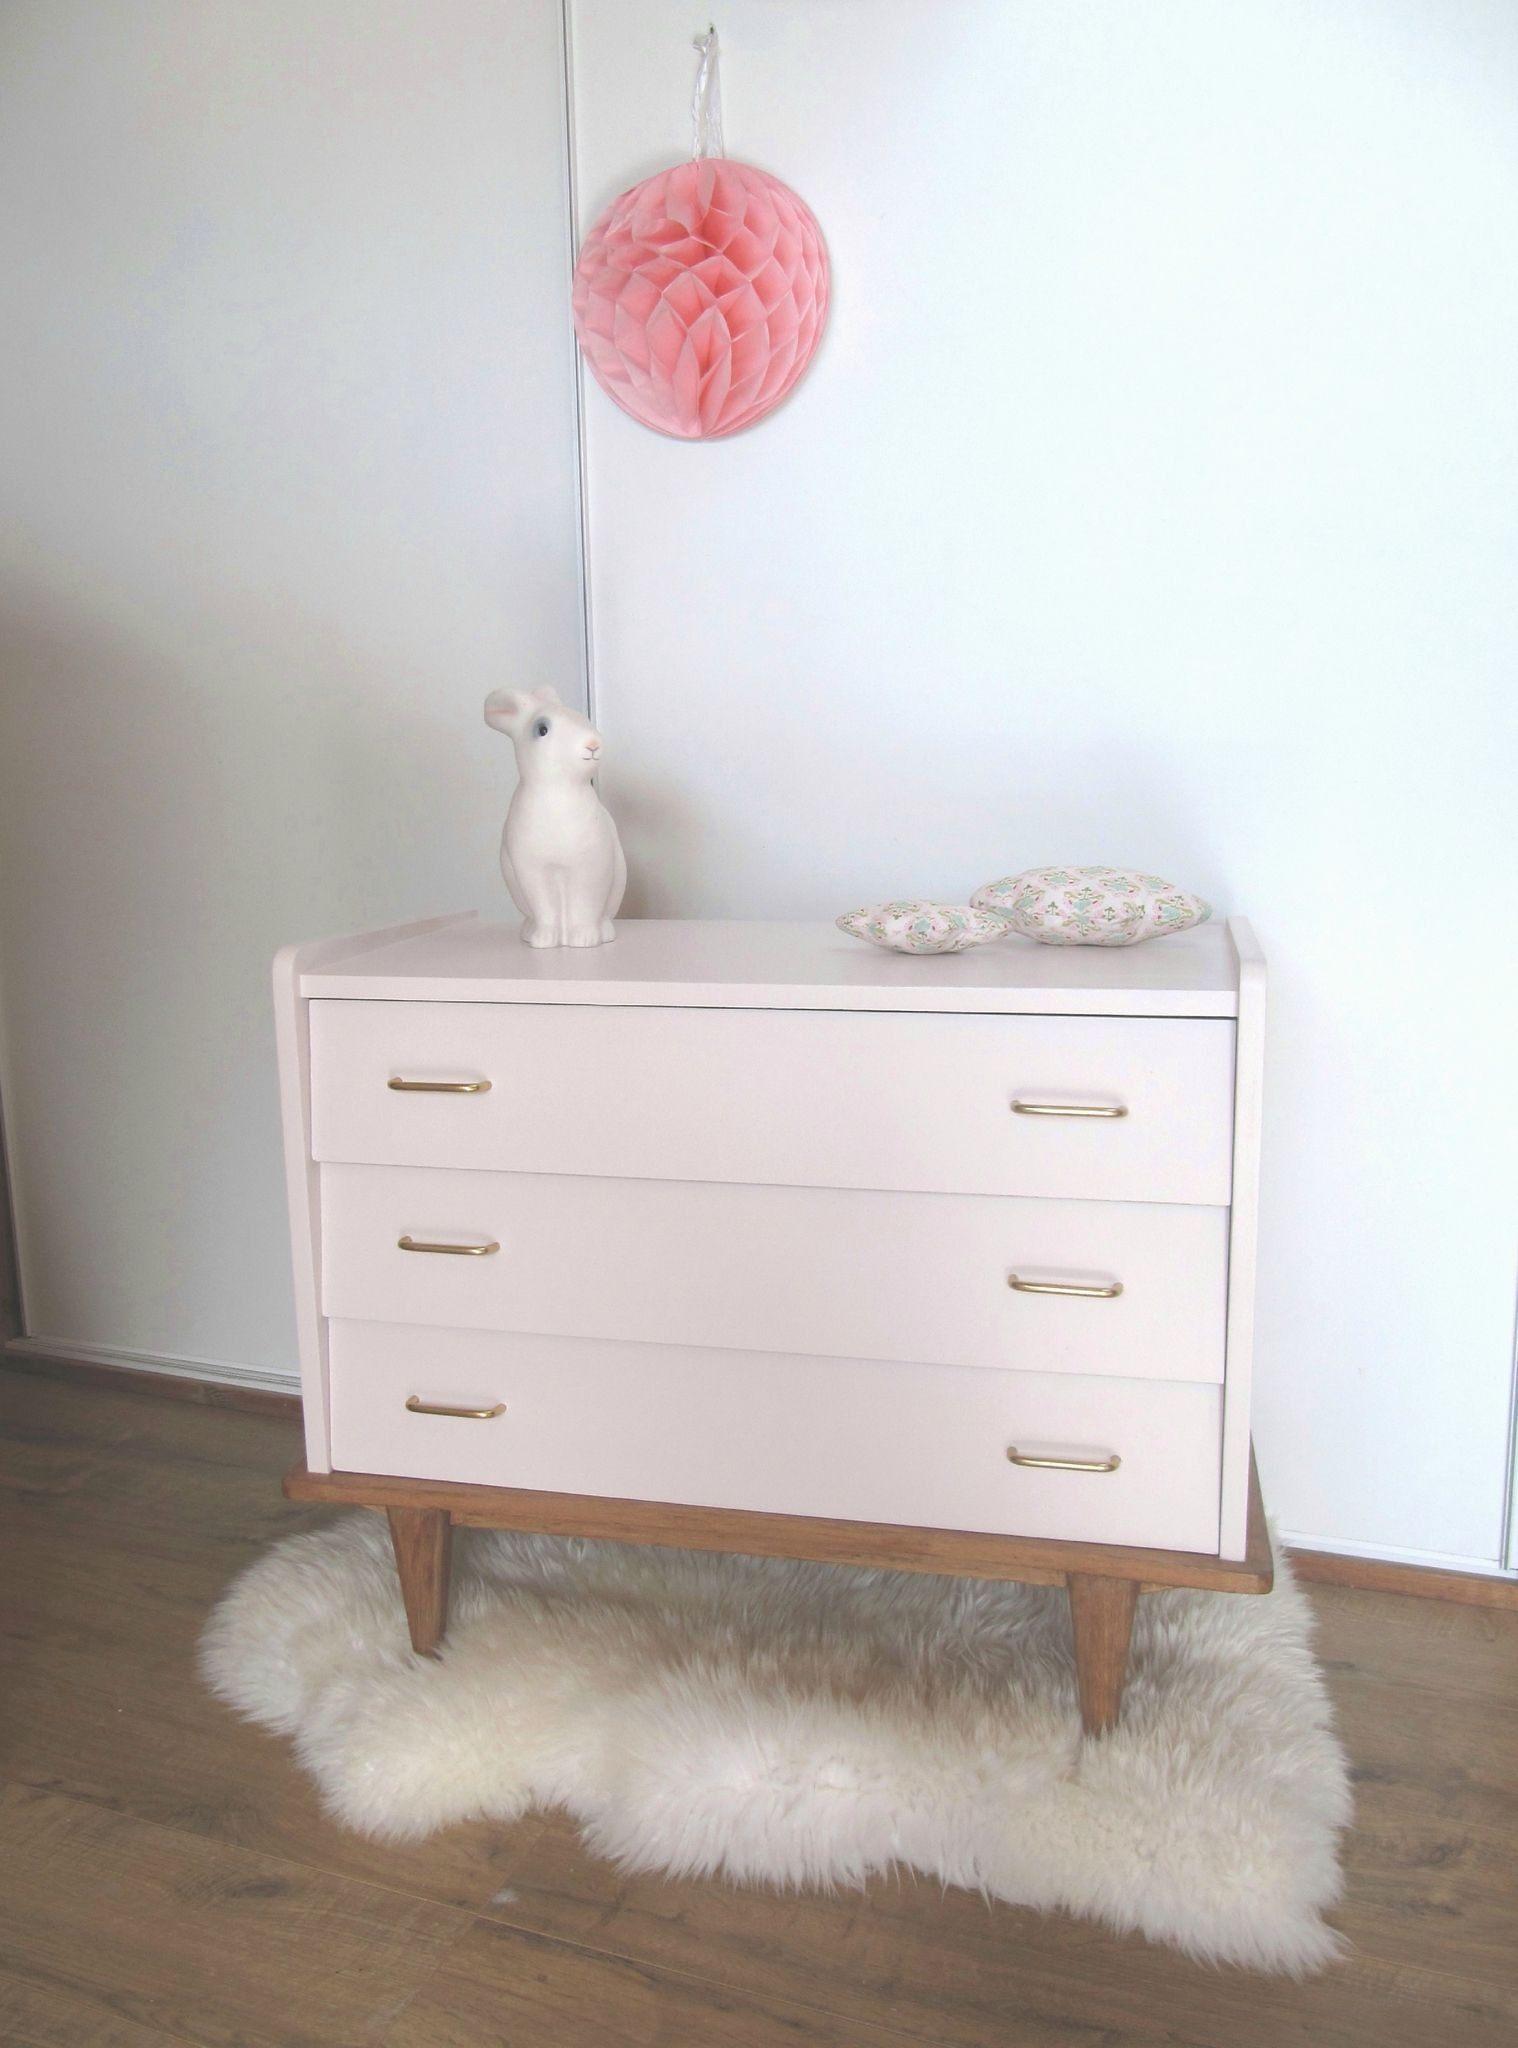 Lit Bébé Et Table A Langer Impressionnant Baignoire Pliante Bébé Beautiful Lit Bebe Luxe 36 Ikea Best De Avec